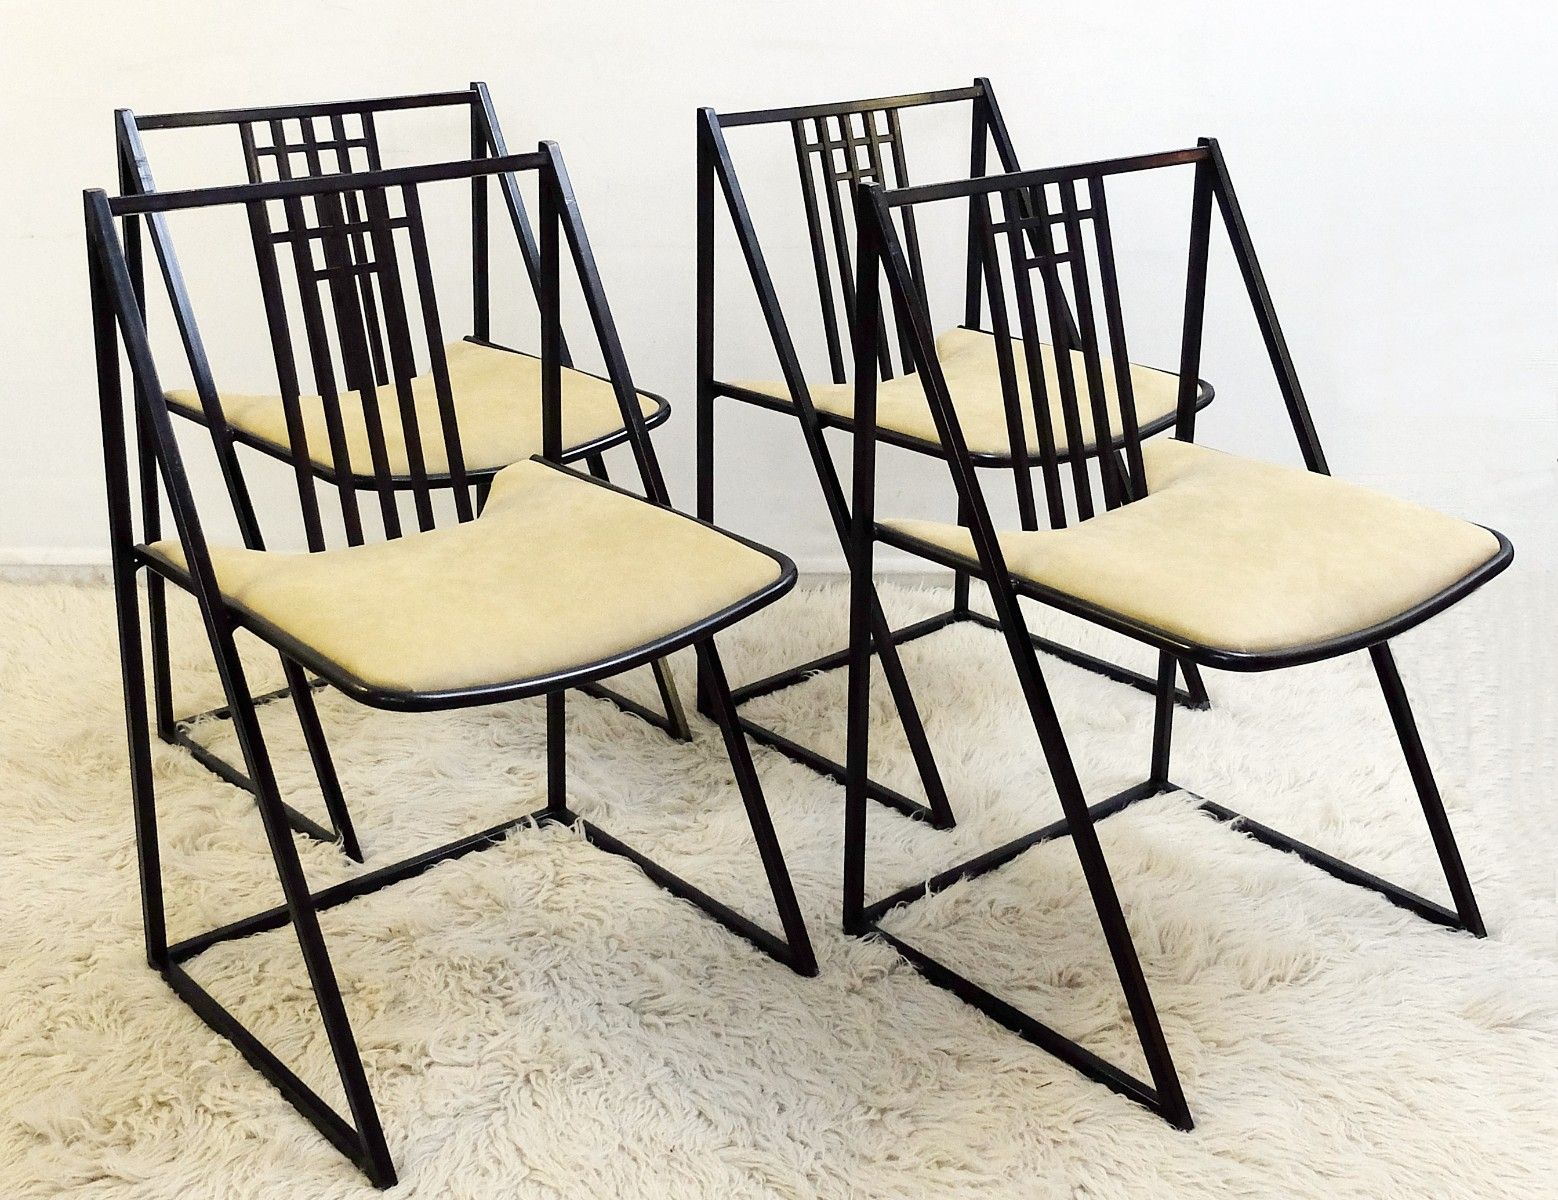 mid century st hle aus schwarzem metall 6er set bei pamono kaufen. Black Bedroom Furniture Sets. Home Design Ideas